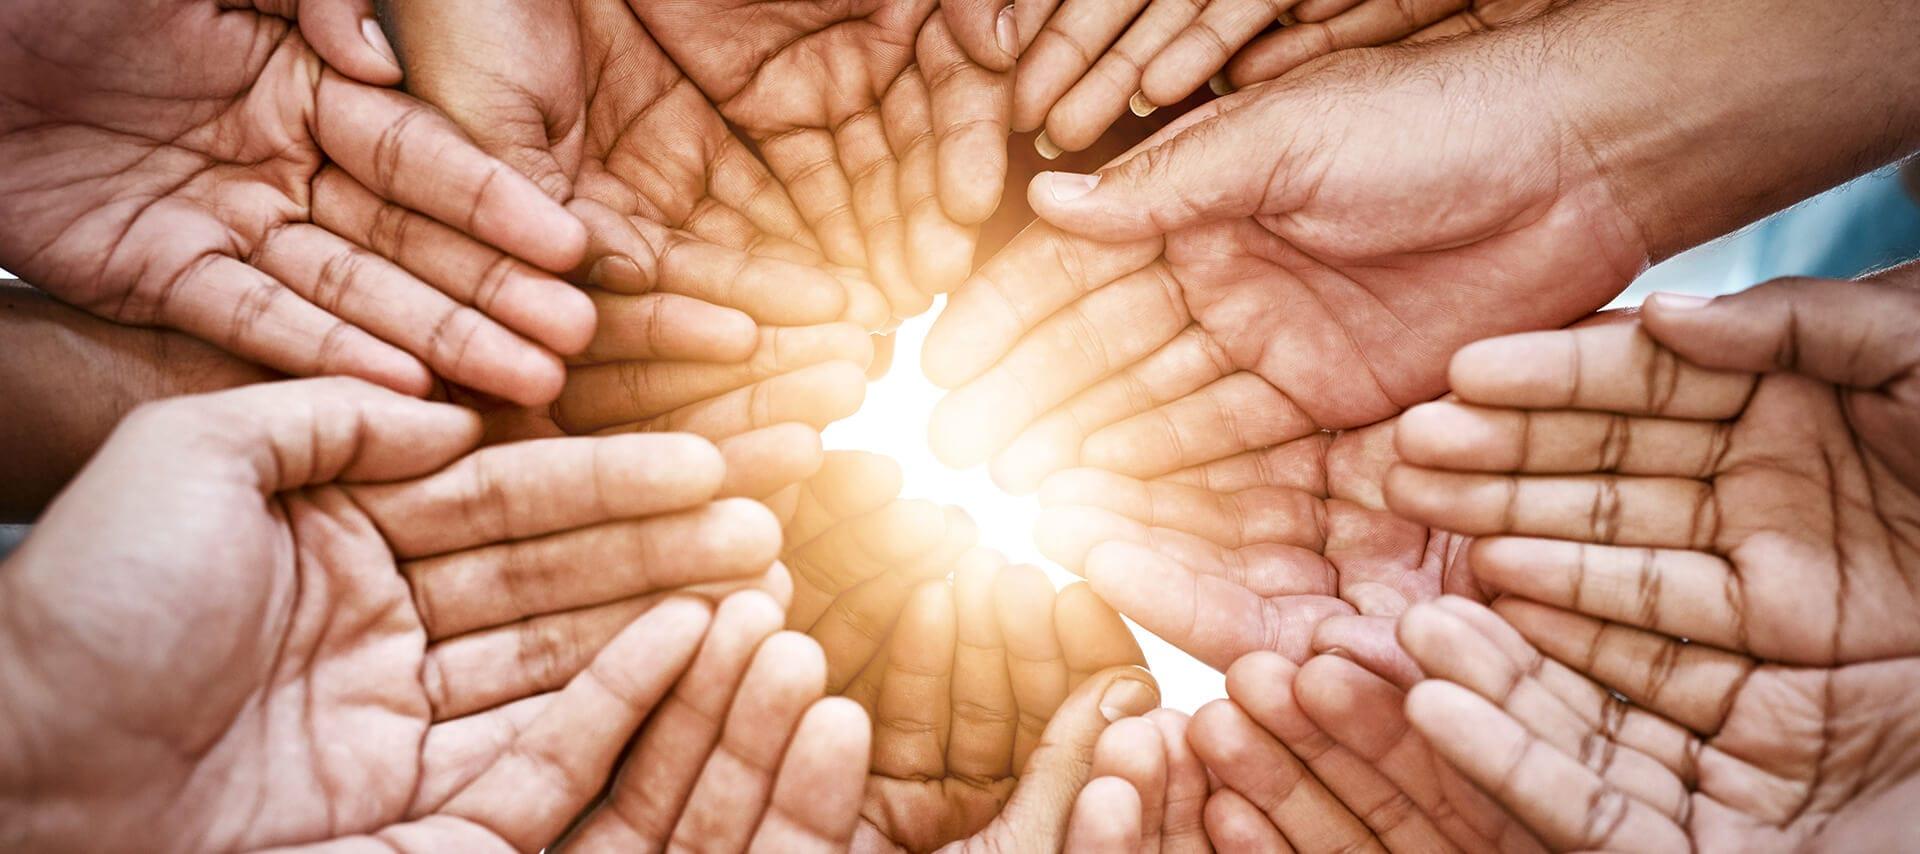 В Якутии утверждена программа по борьбе с бедностью на 2020-2030 годы